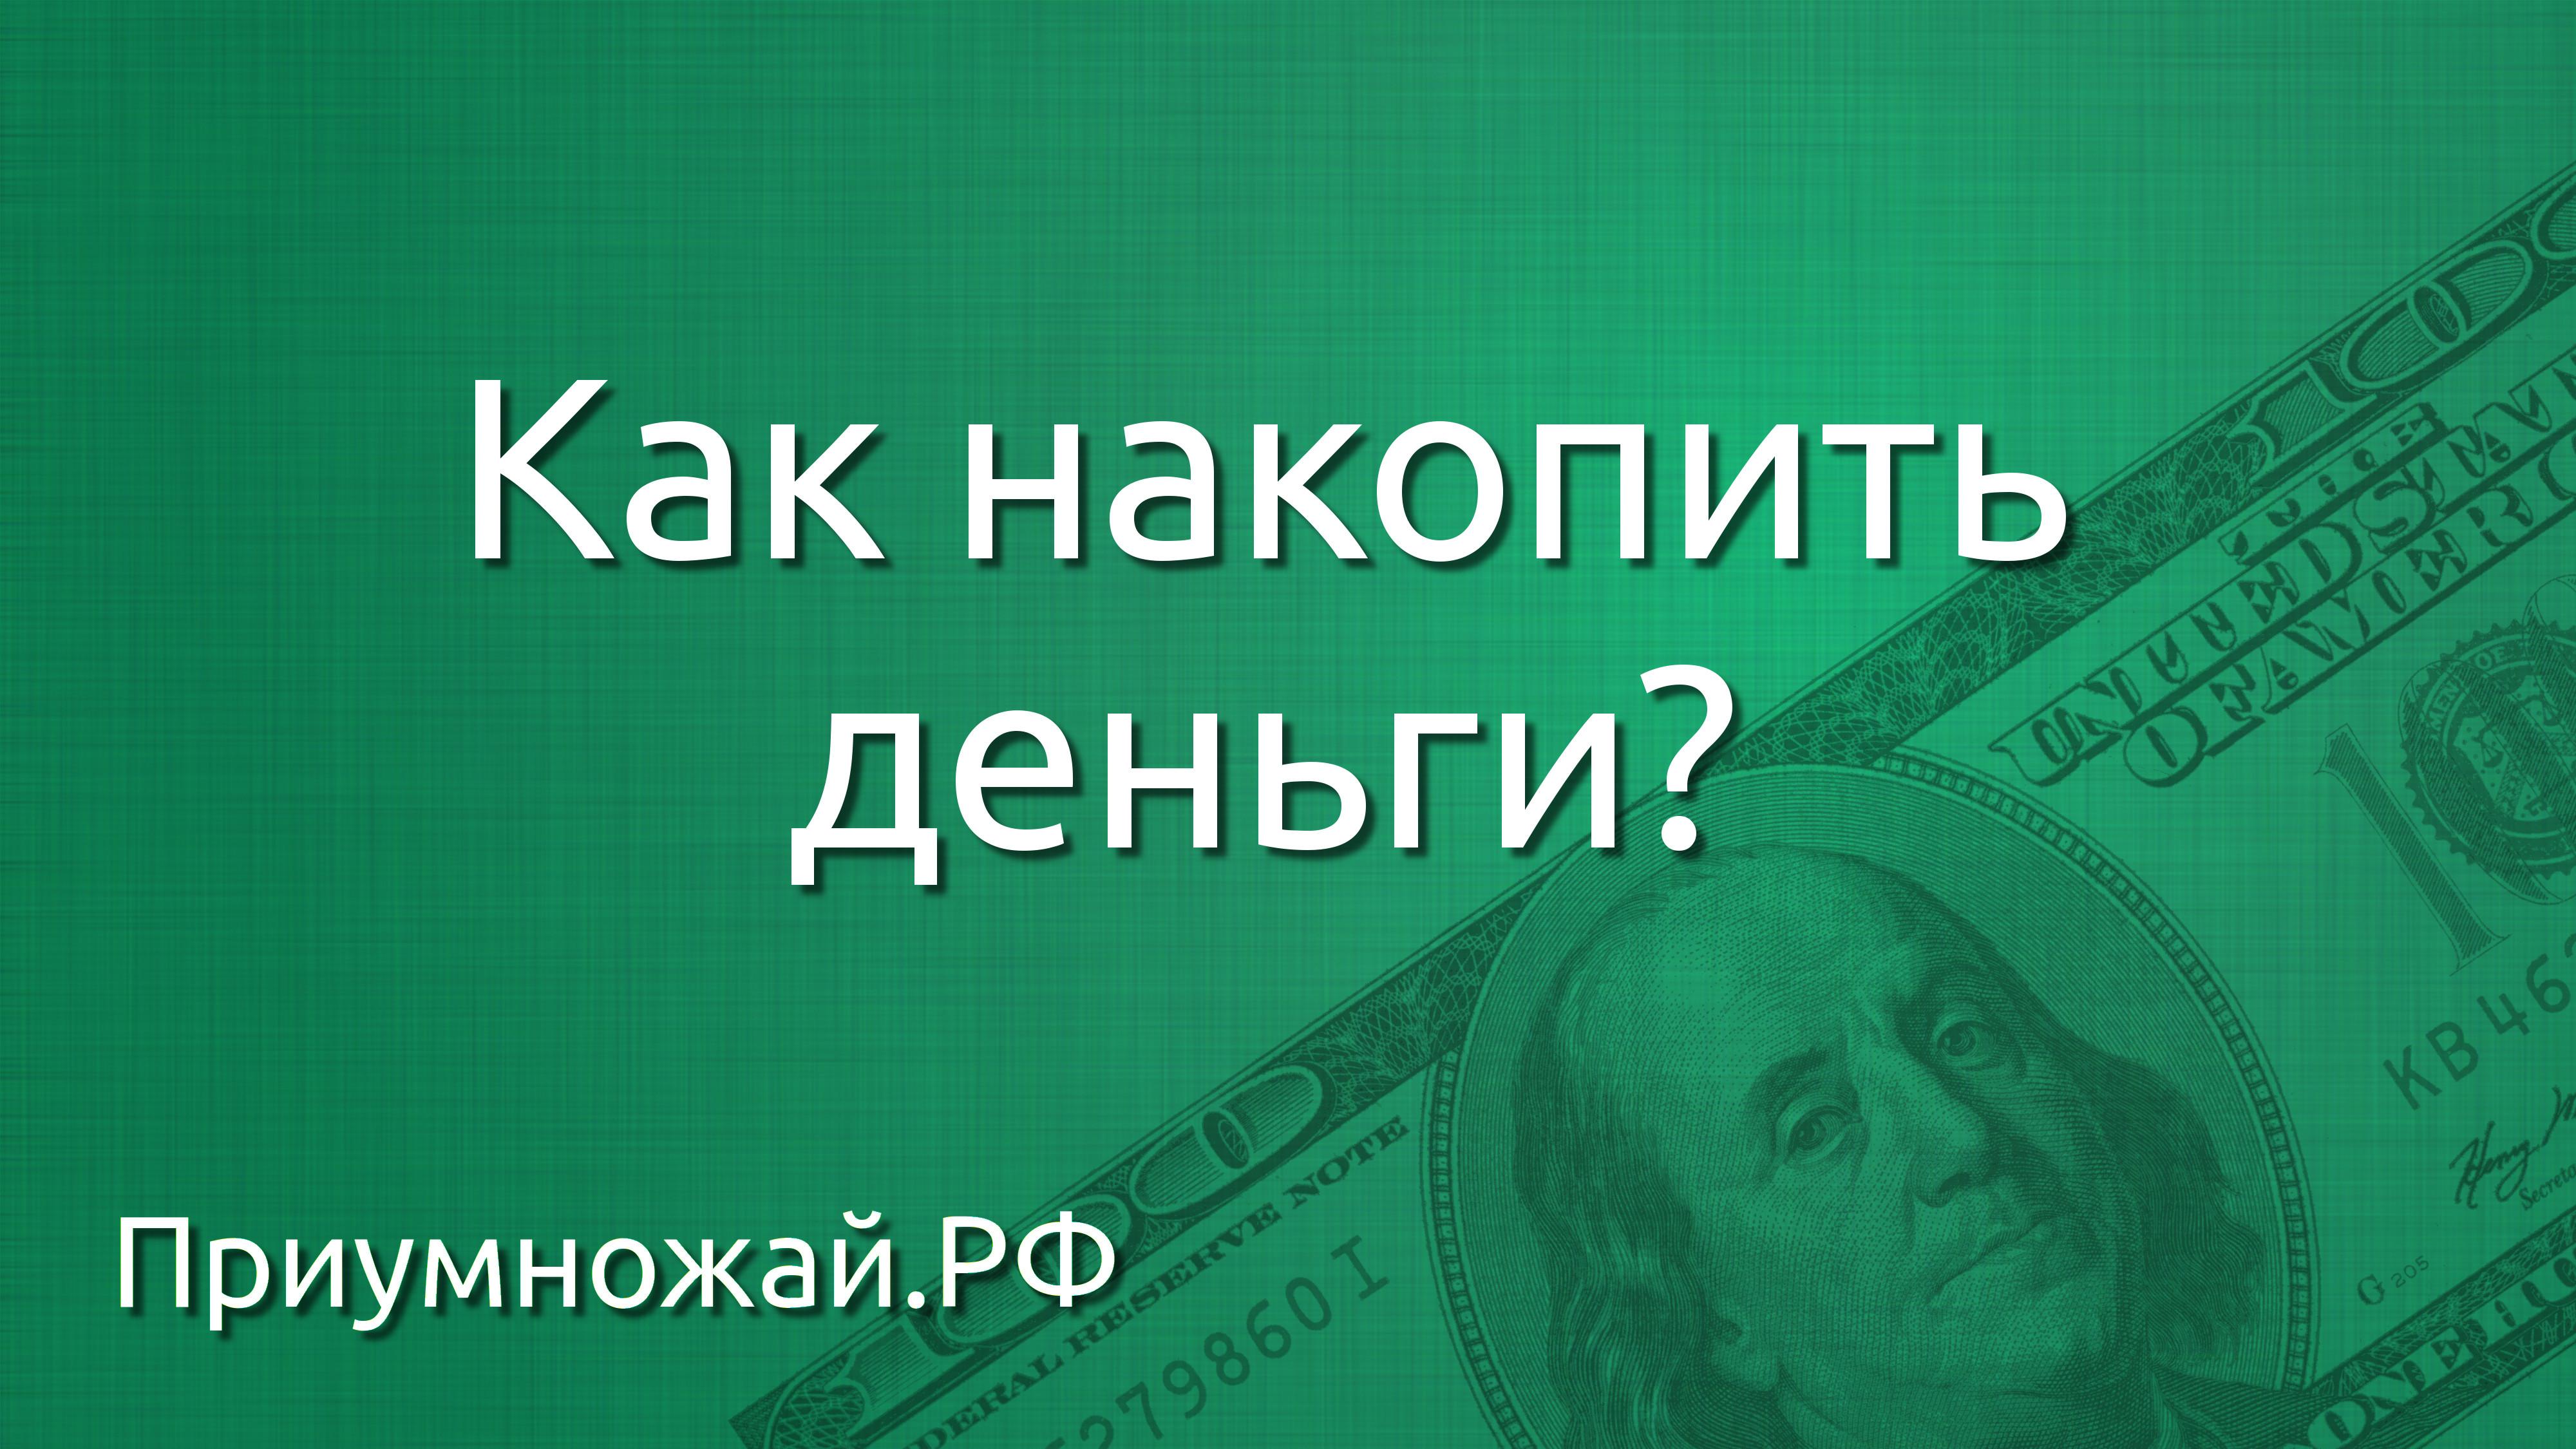 Как накопить деньги и куда вложить?